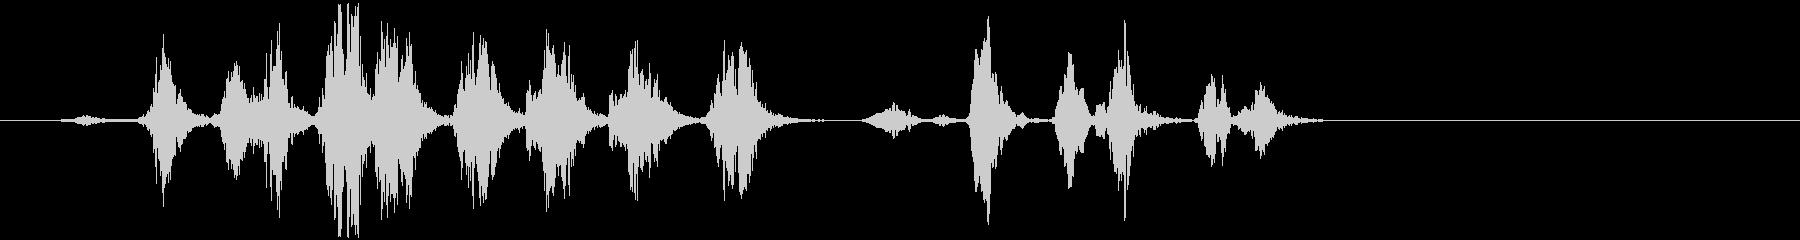 鳥の会話01の未再生の波形